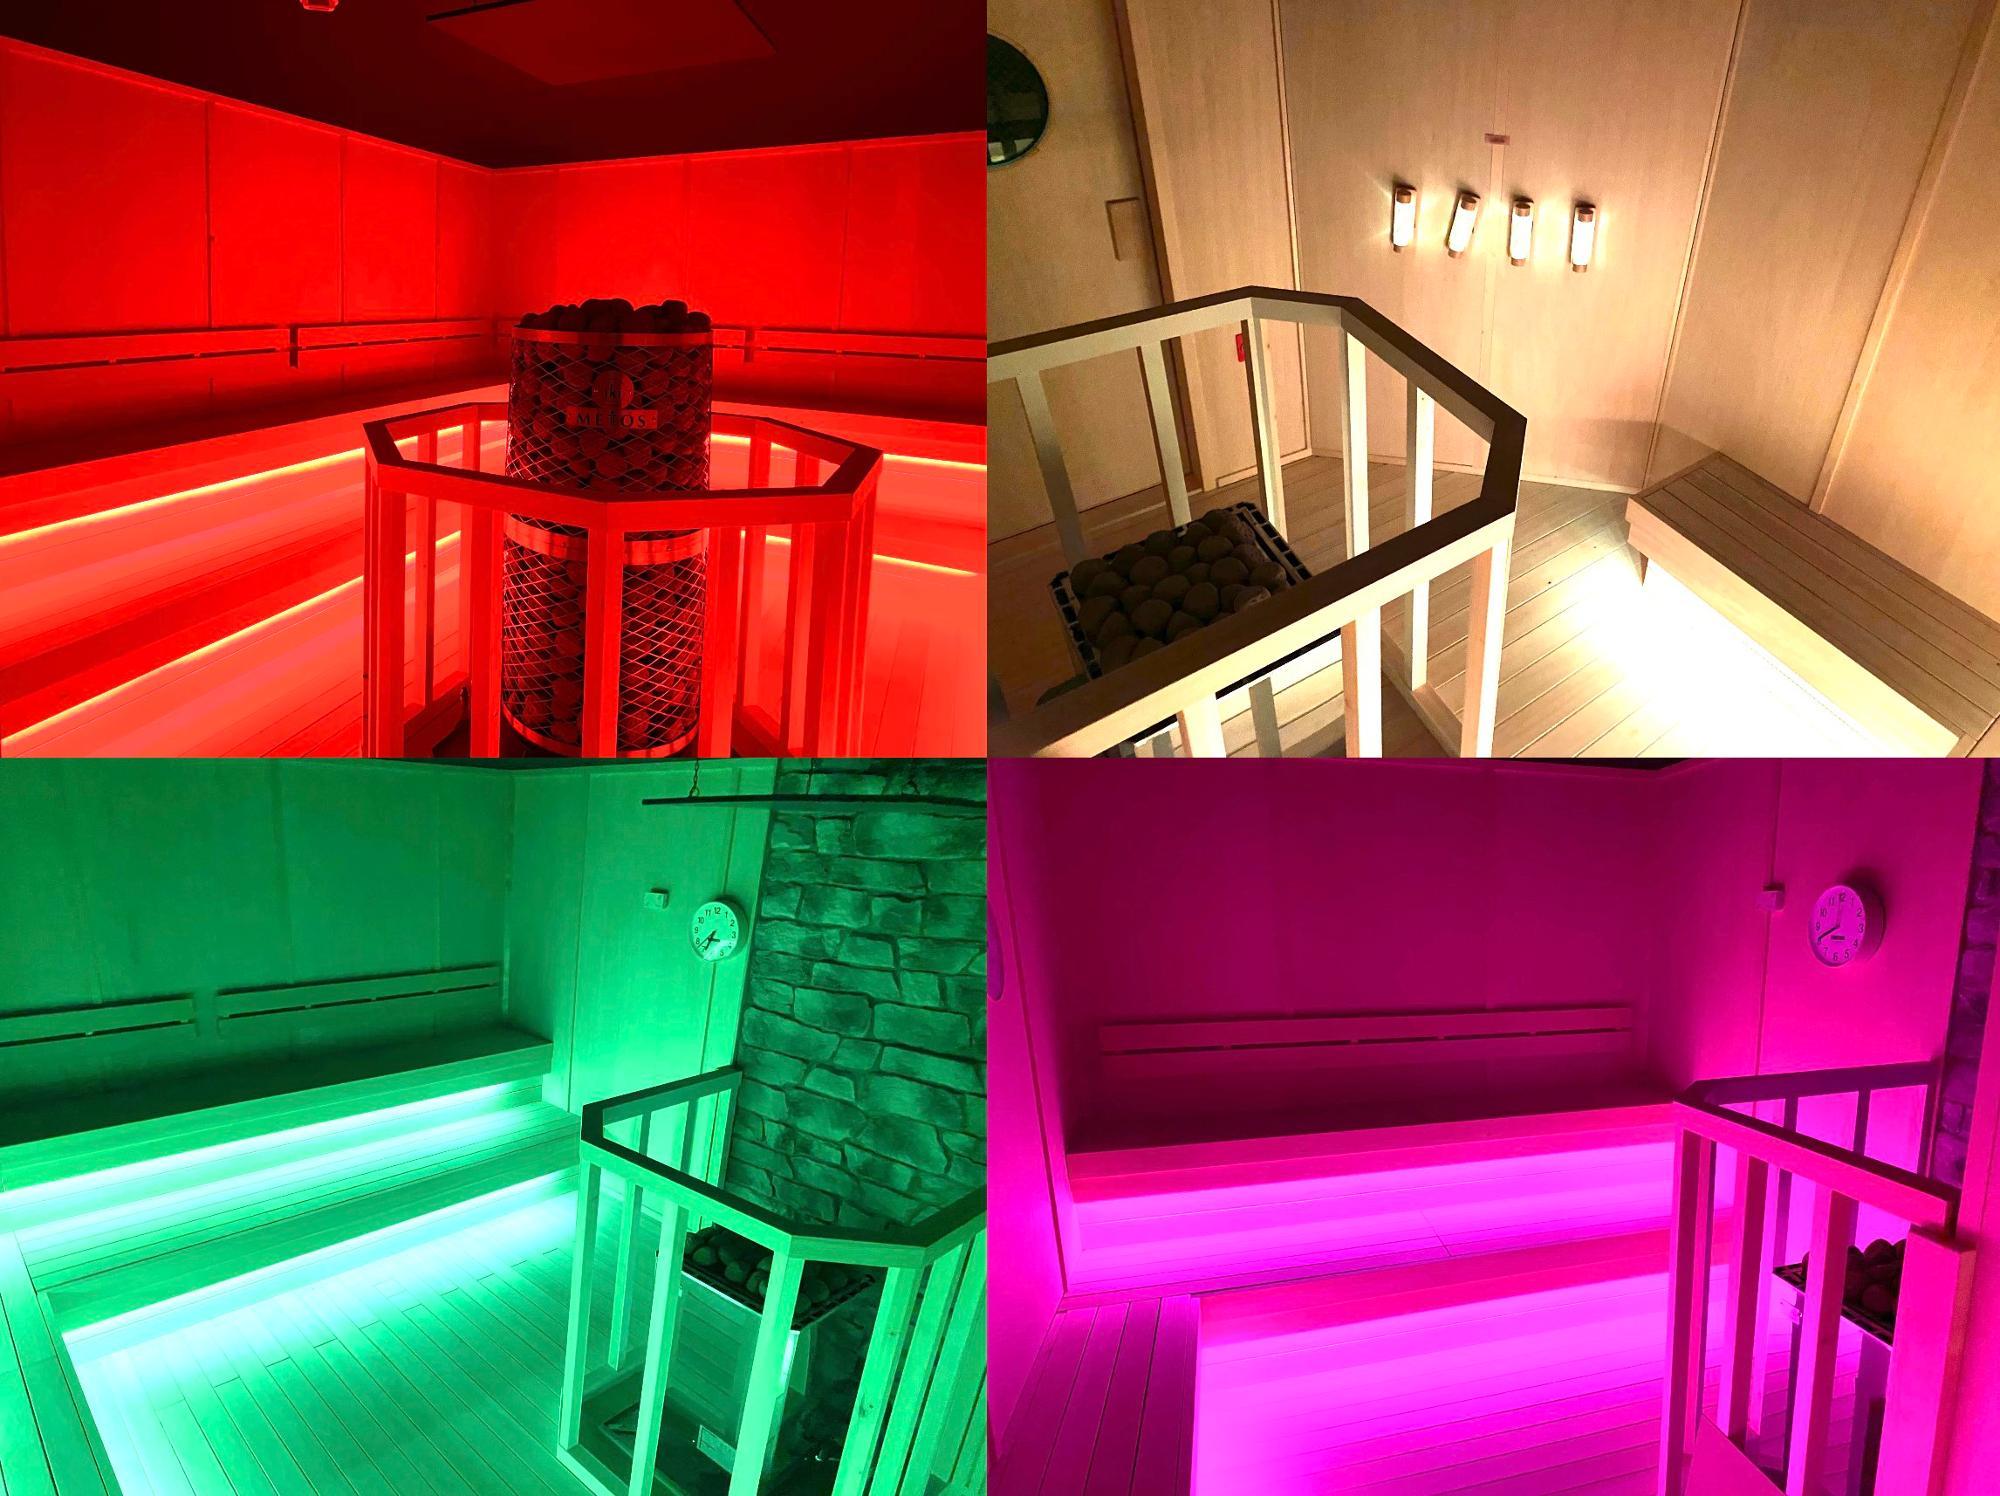 サウナは全部で7室。室温は70〜100度と部屋ごとに設定されている